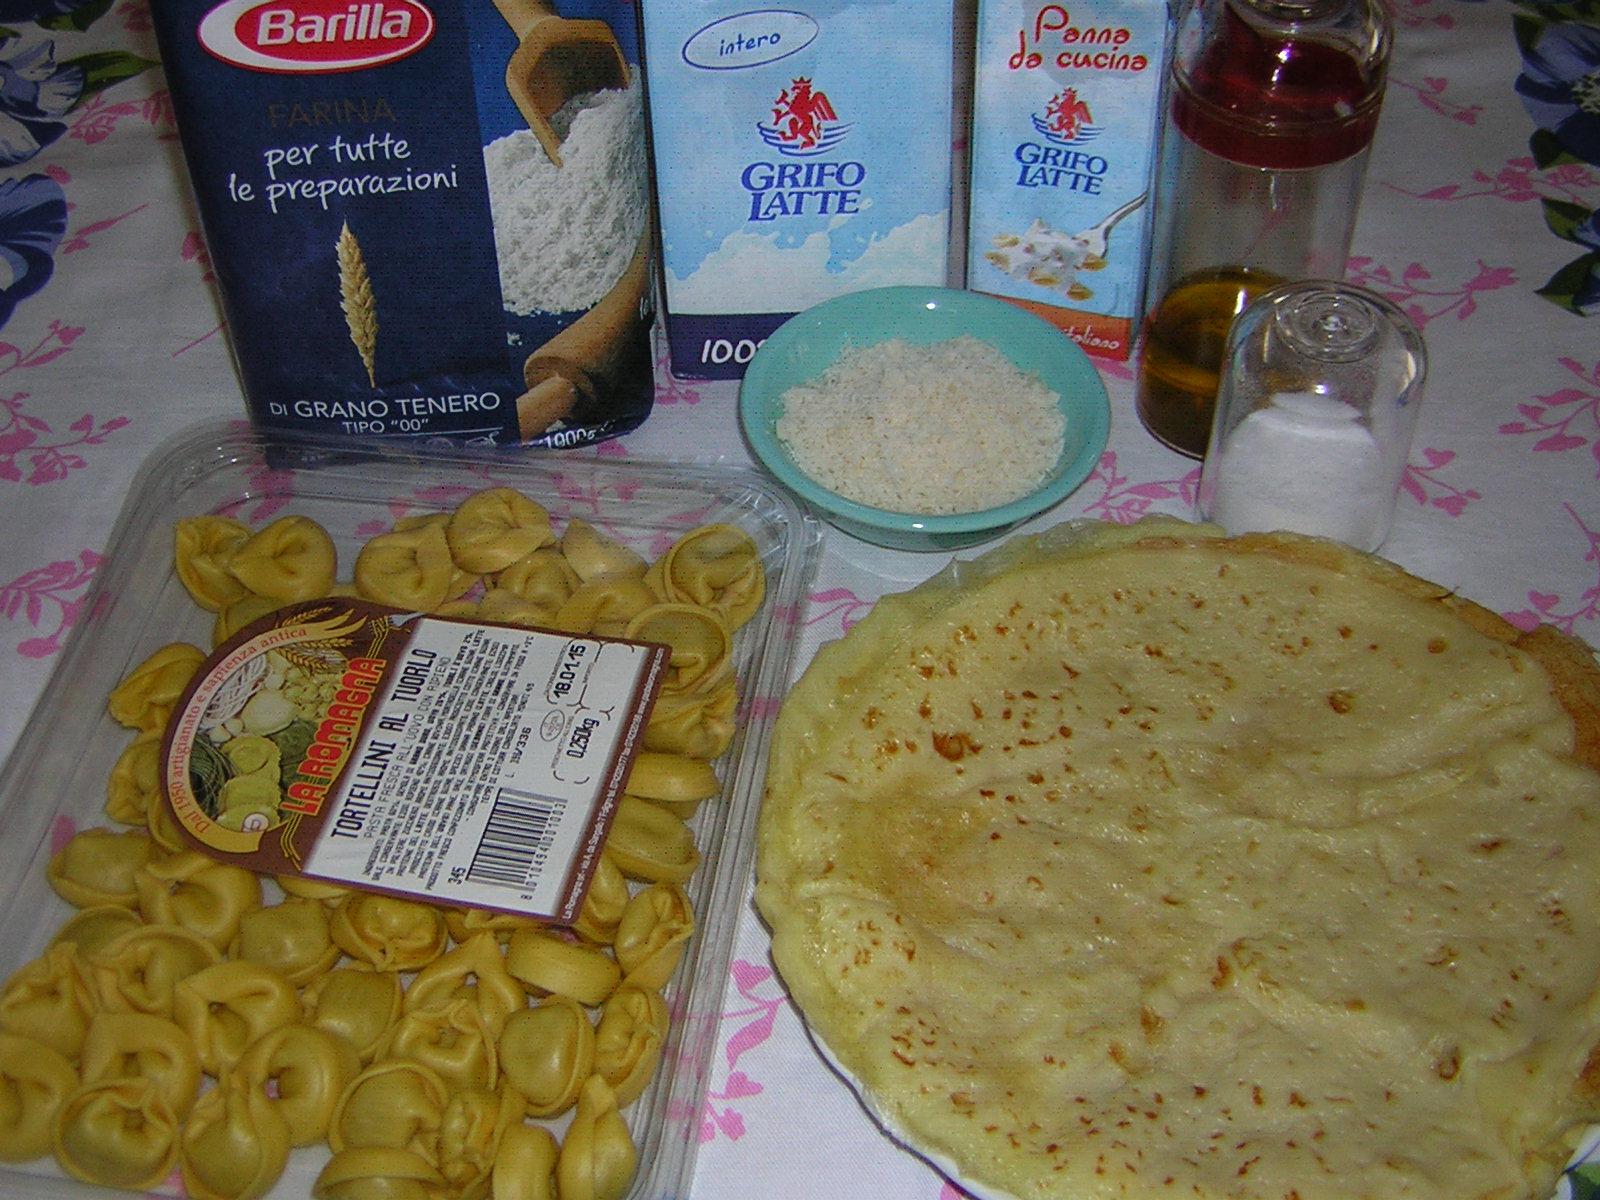 ingredienti per le crepes ripiene di tortellini